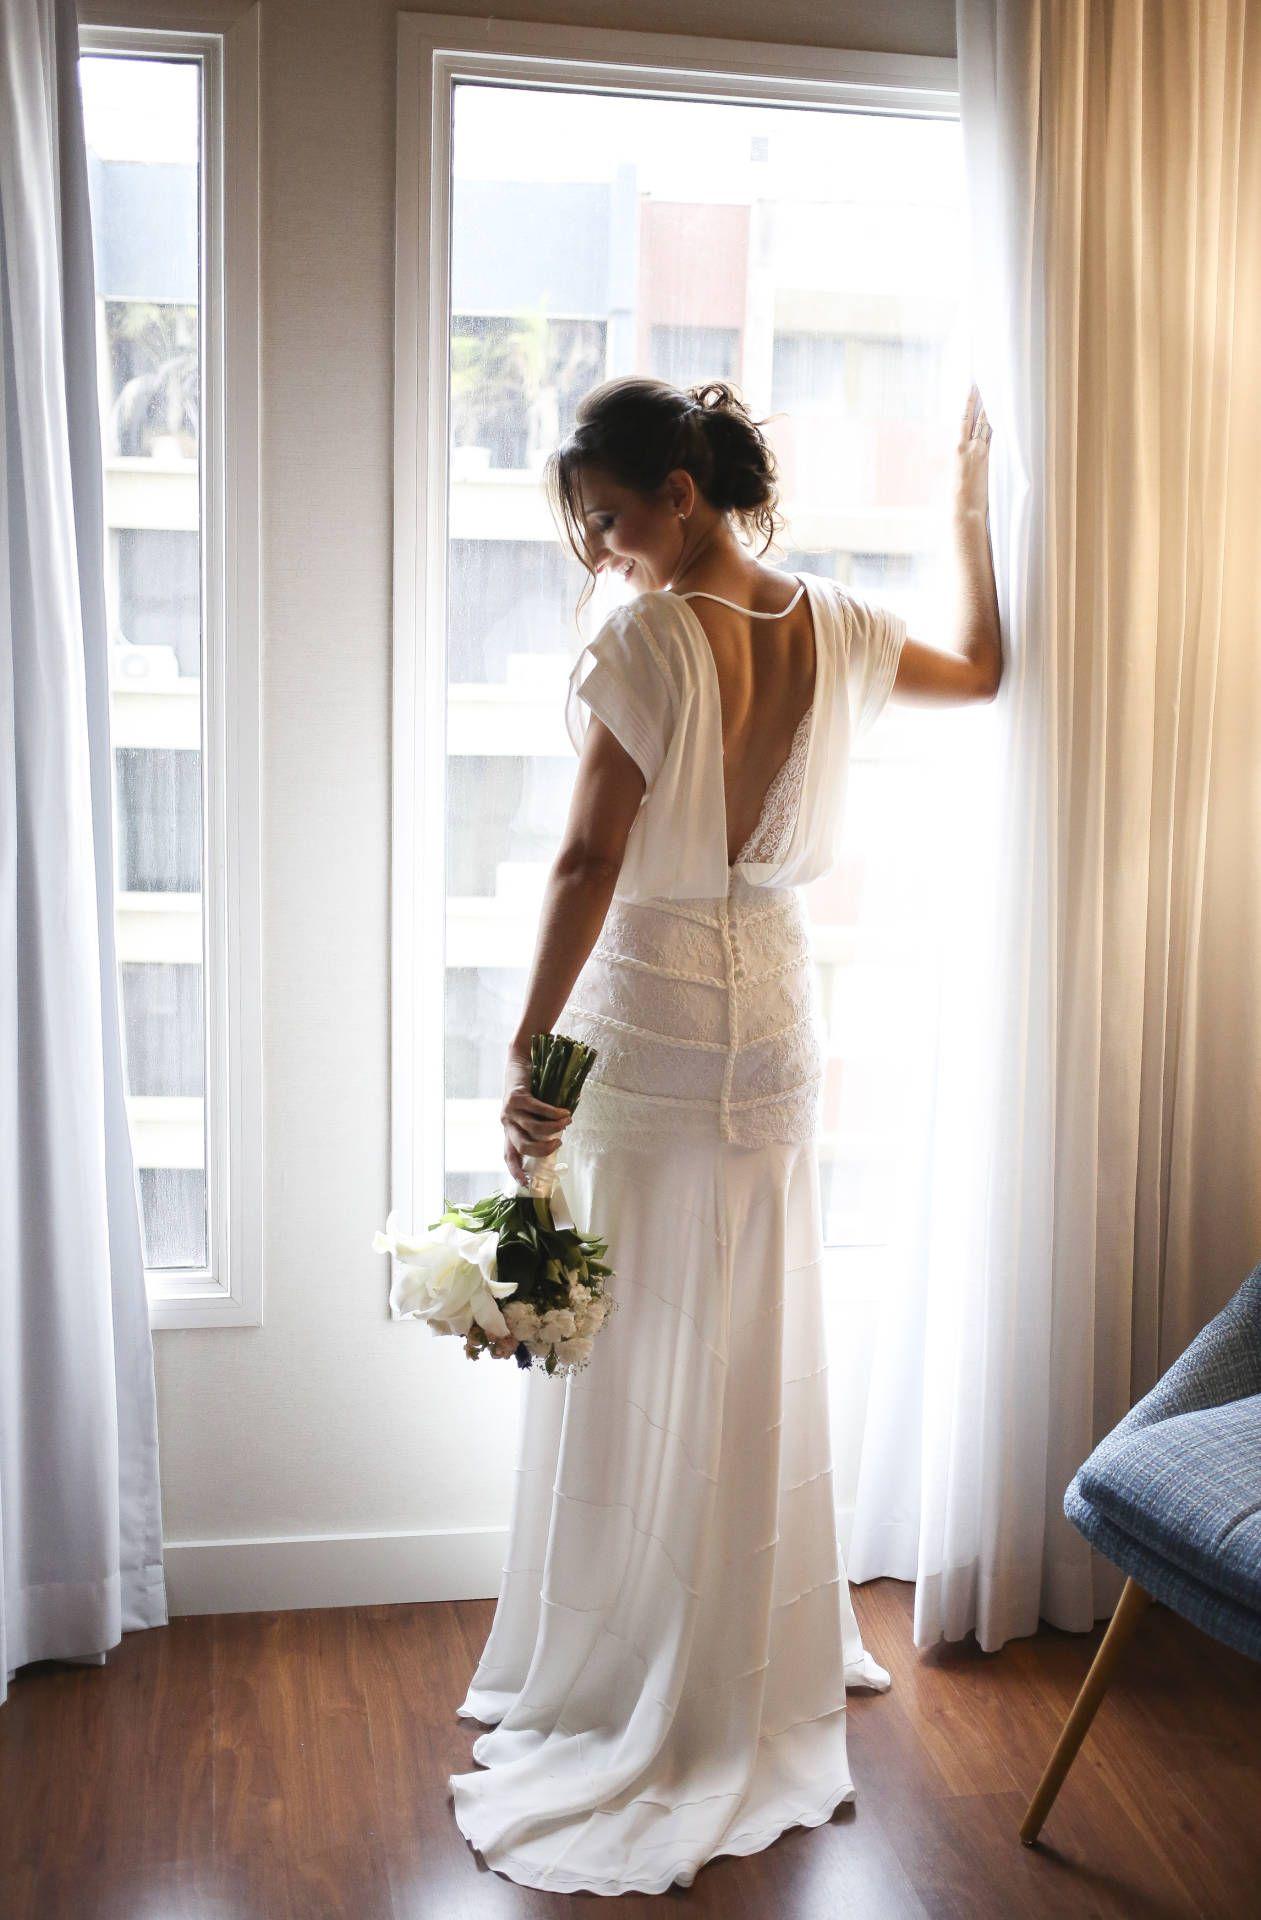 Vestido de noiva semi sereia em seda off white marca Tetigio – Emp³rio Lulu